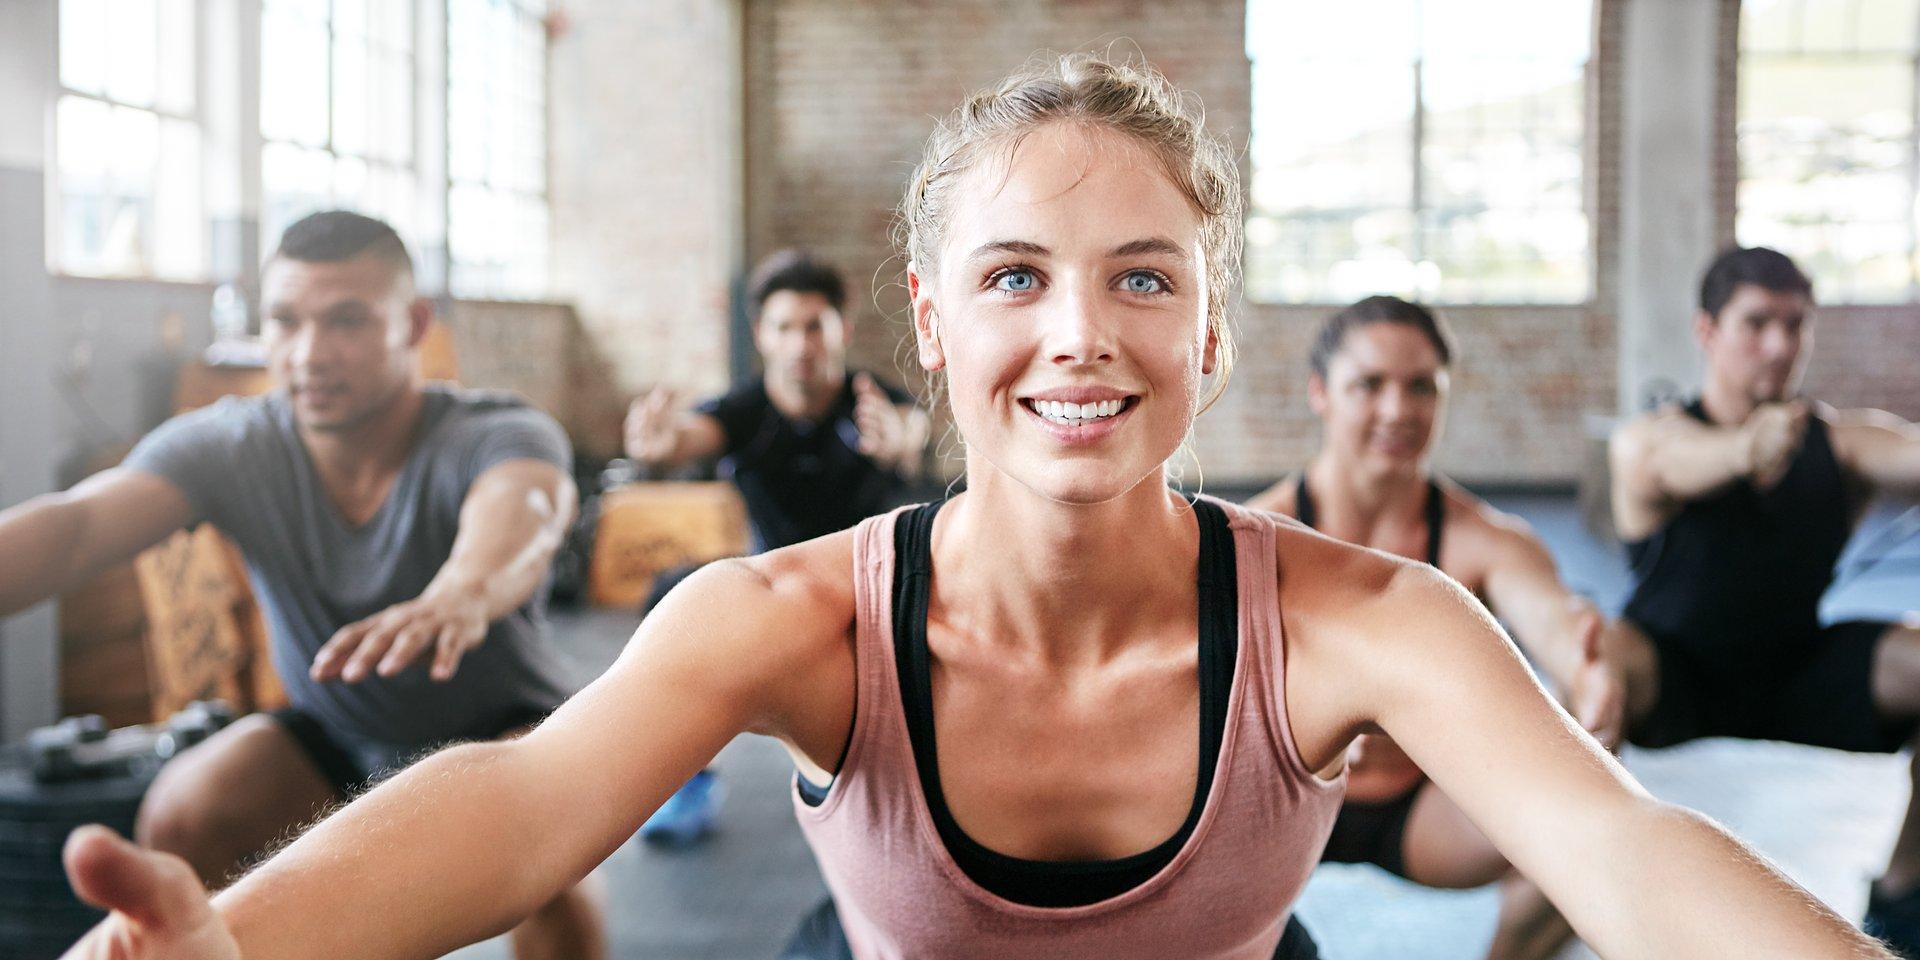 Badania w branży fitness dowodzą: kluby i siłownie są bezpieczne